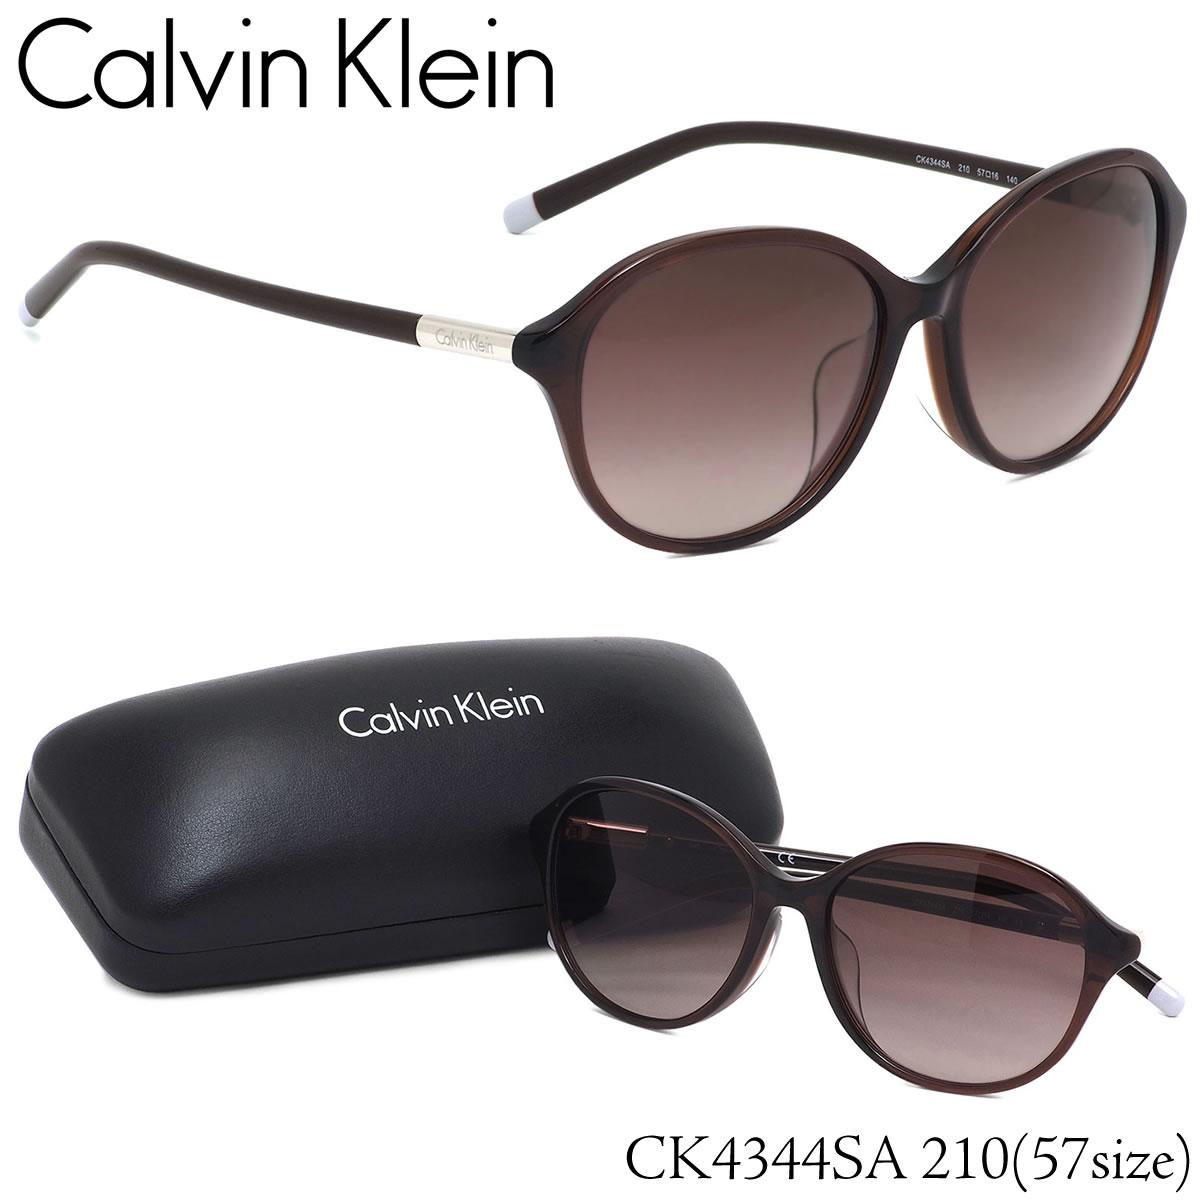 カルバンクライン Calvin Klein サングラス CK4344SA 210 57サイズ CK ラウンド フルフィット カルバンクライン CalvinKlein メンズ レディース